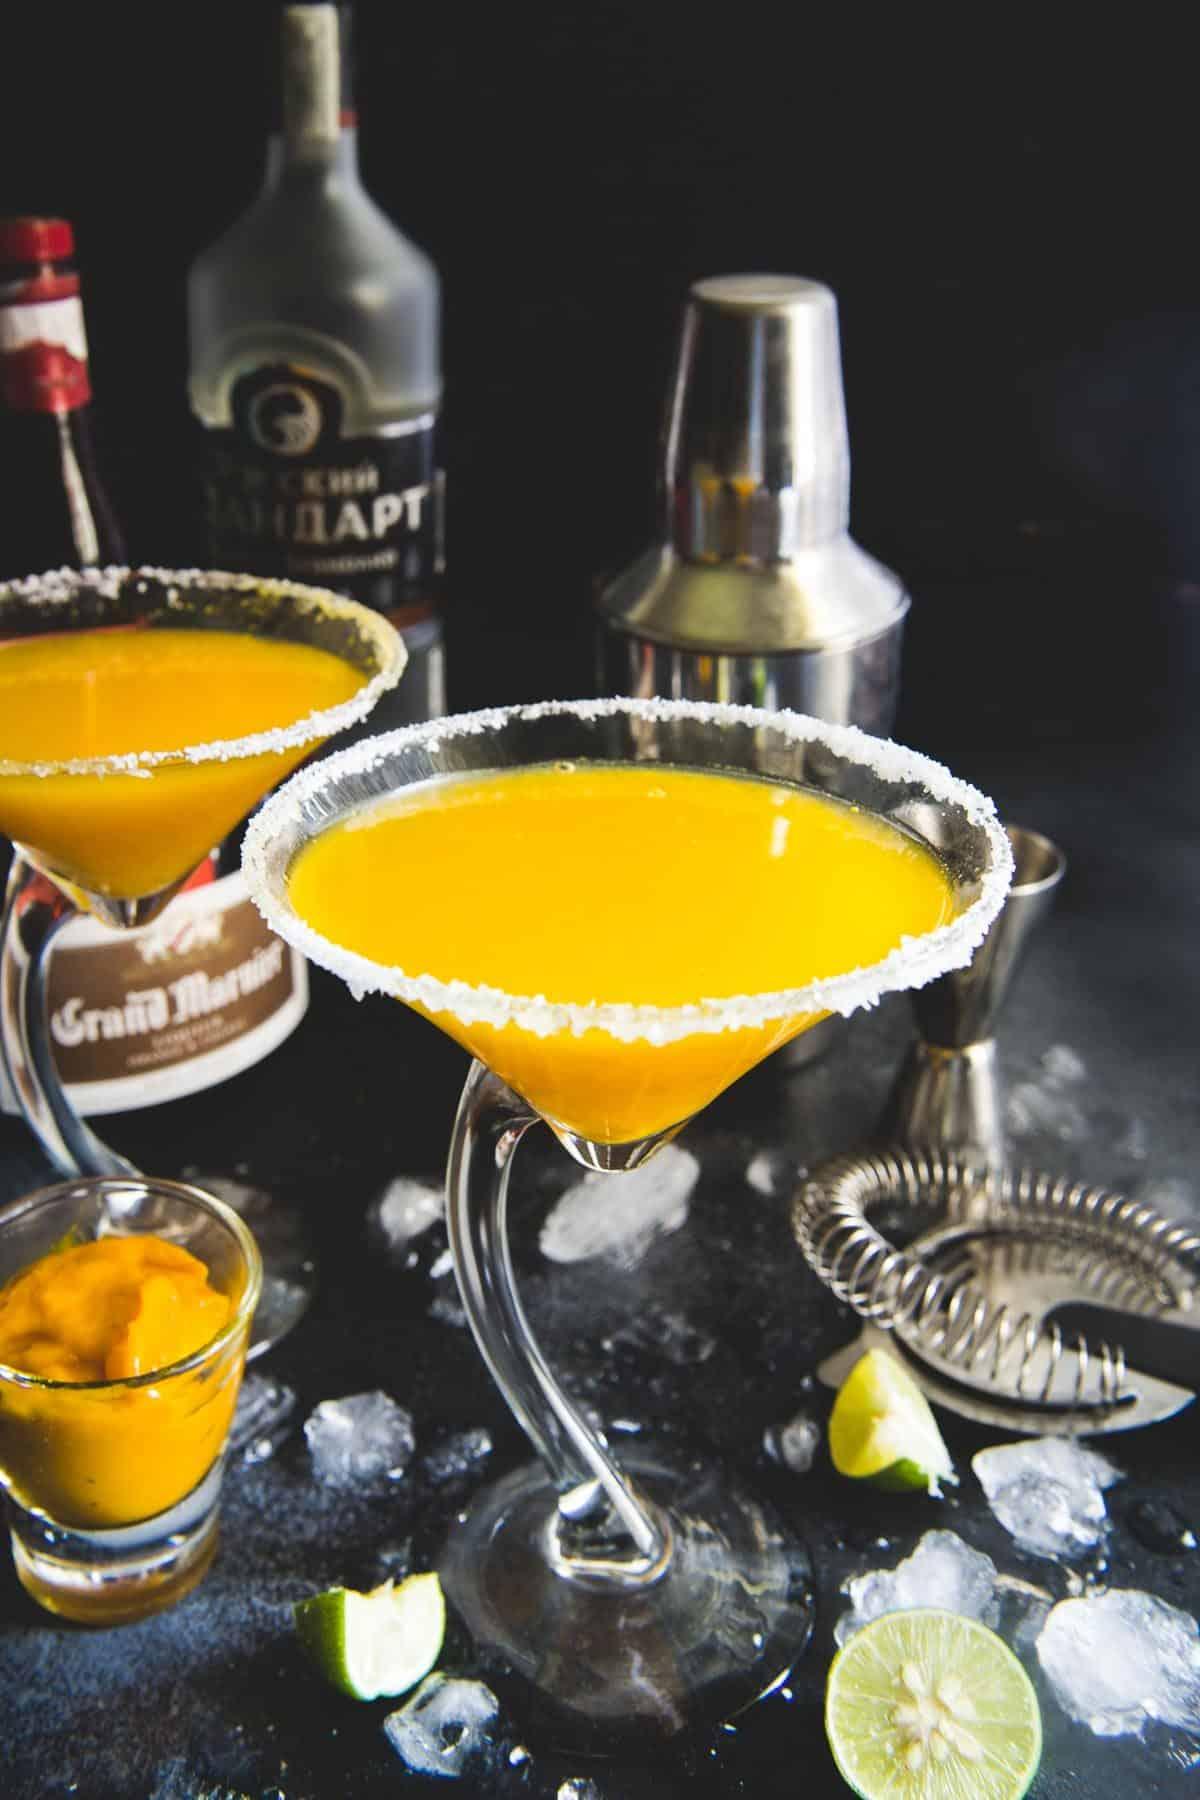 Mango martini served in a glass.